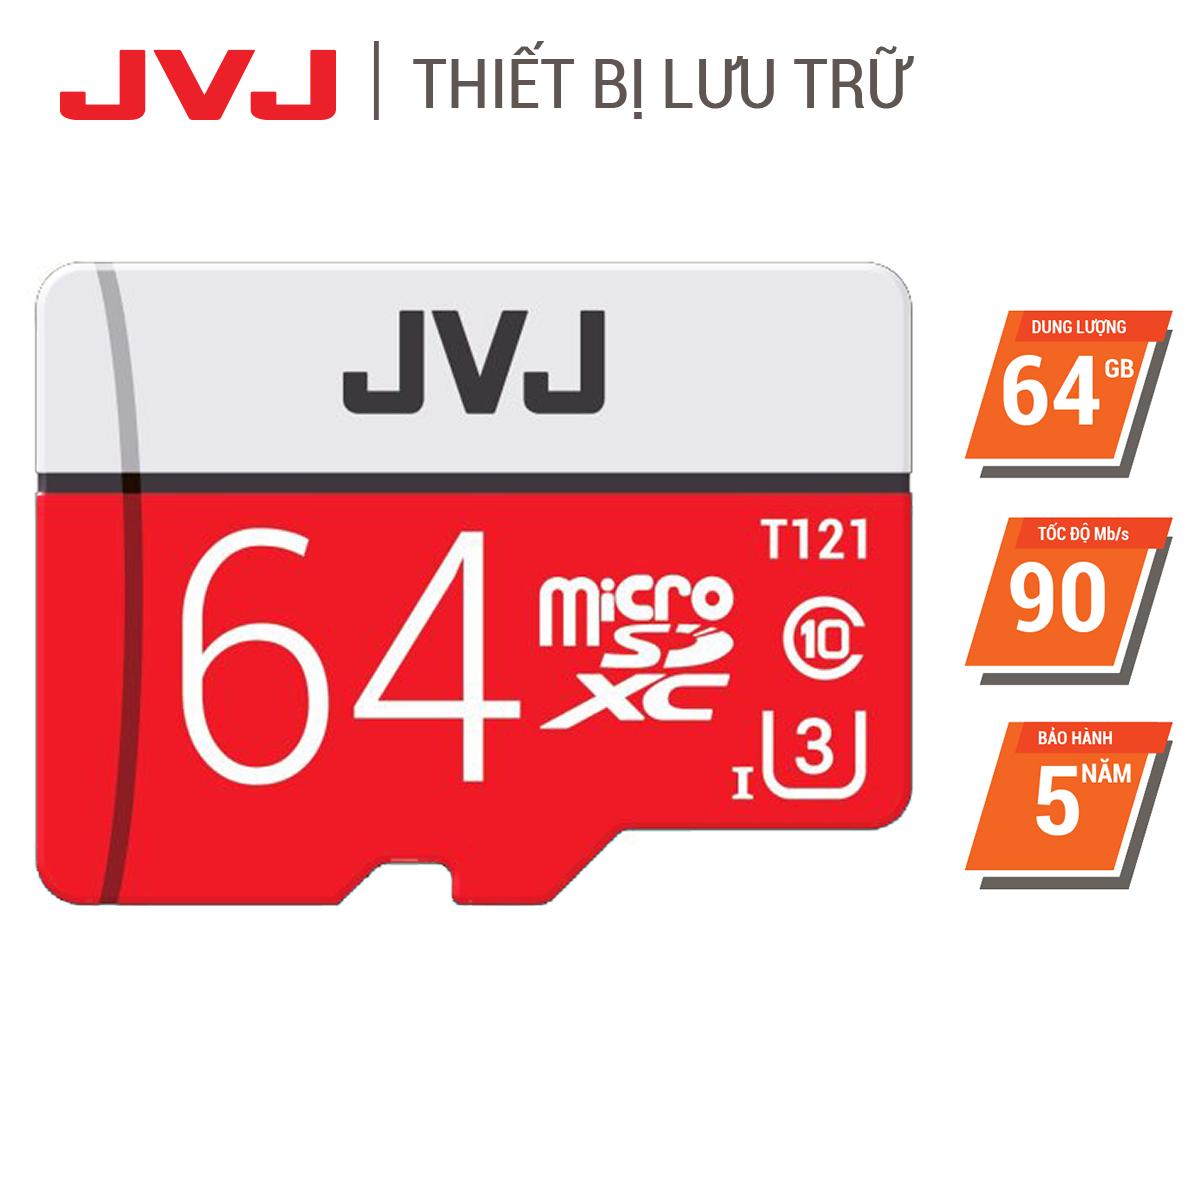 Thẻ nhớ 64Gb Class10 U3 JVJ Pro Tốc độ cao - thẻ nhớ chuyên dụng camera hành trình, camera wifi, camera yoosee, thẻ game, điện thoại, máy tính bảng, thẻ nhớ 64G, siêu bền, BH 5 năm Samsung, Oppo, Xiaomi, điện thoại android thumbnail